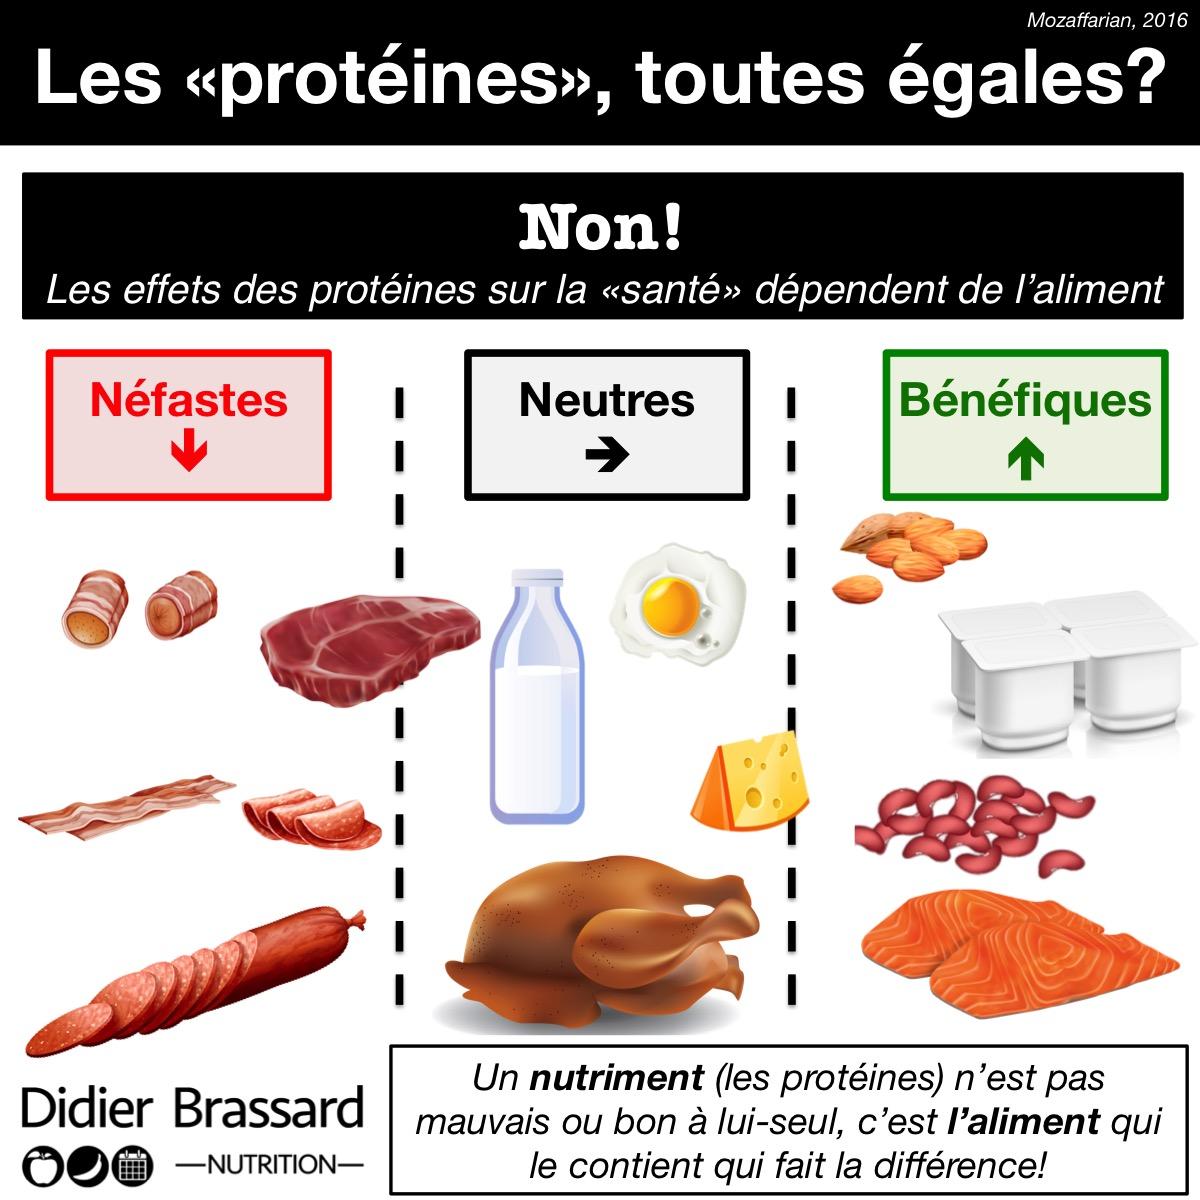 4 4 tout savoir sur les prot ines danger - Produit riche en proteine ...